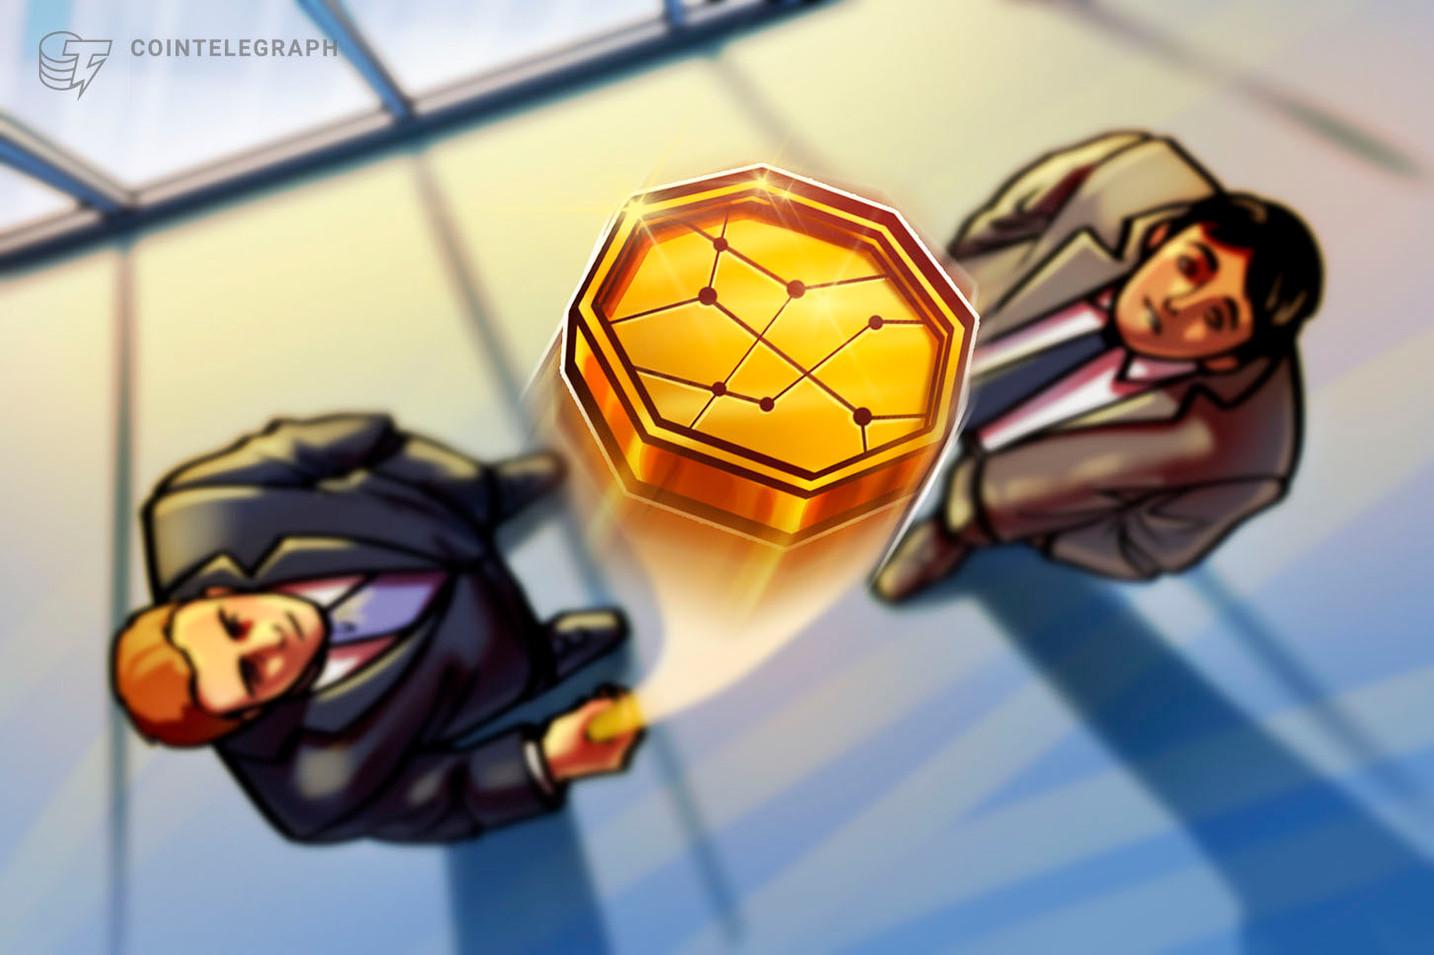 Crypto adalah 'kategori aset yang belum teruji,' kata CEO UBS Ralph Hamers